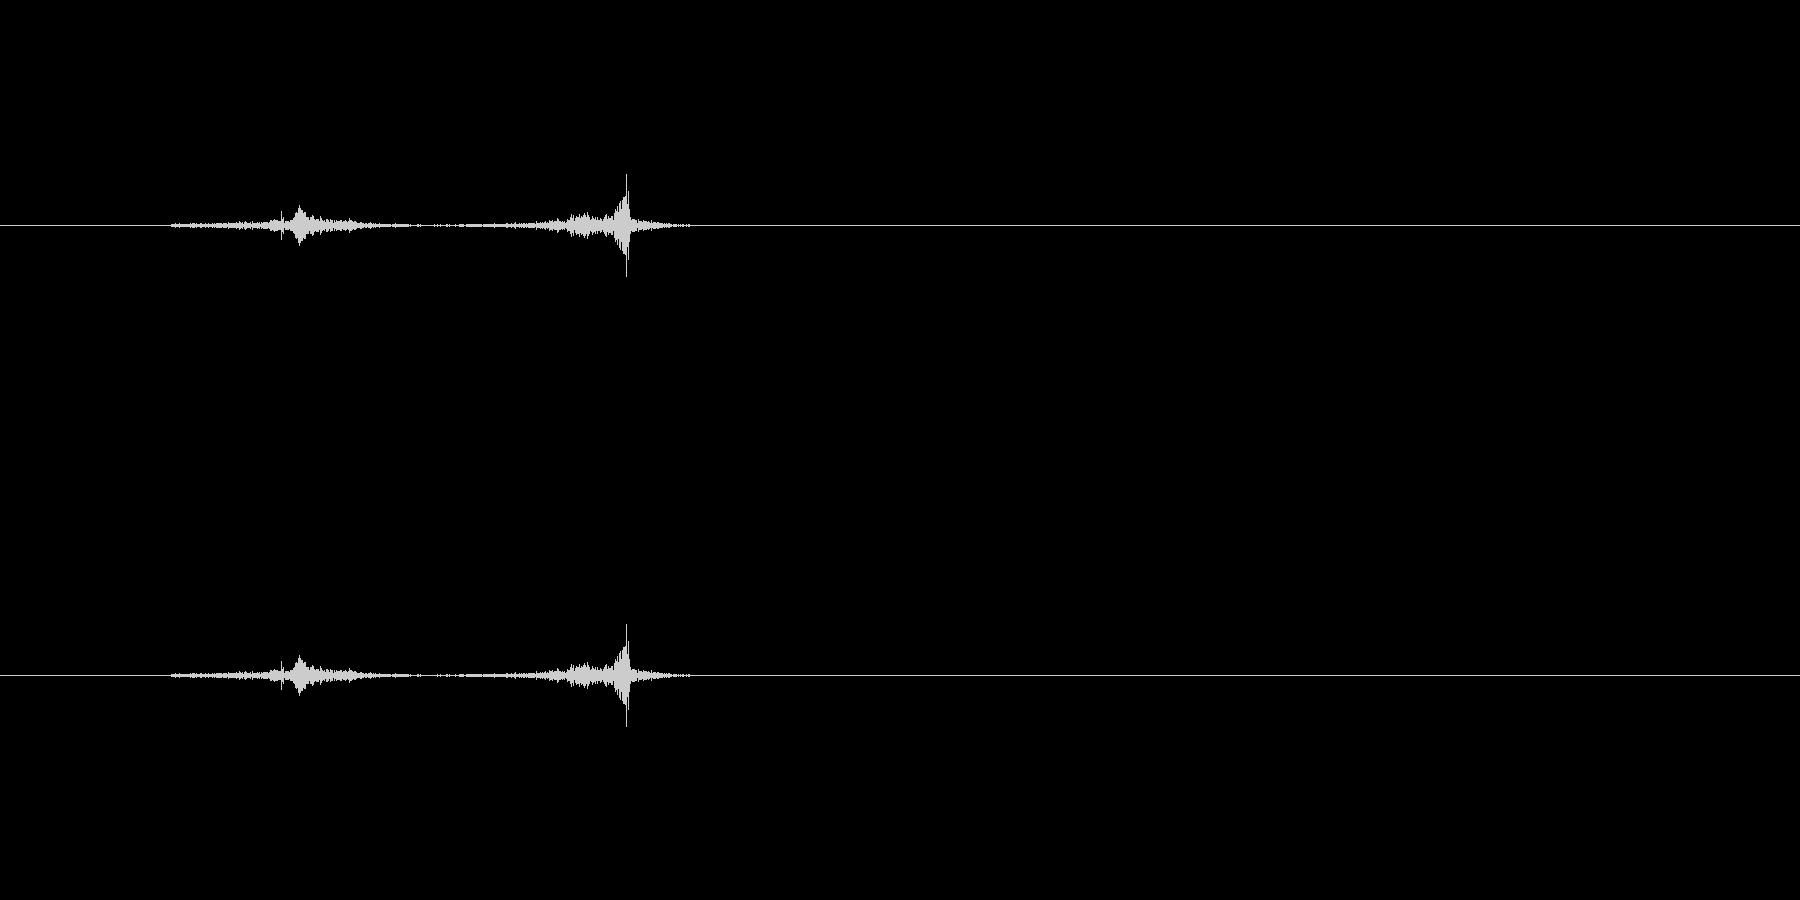 カーソル移動するときの音の未再生の波形